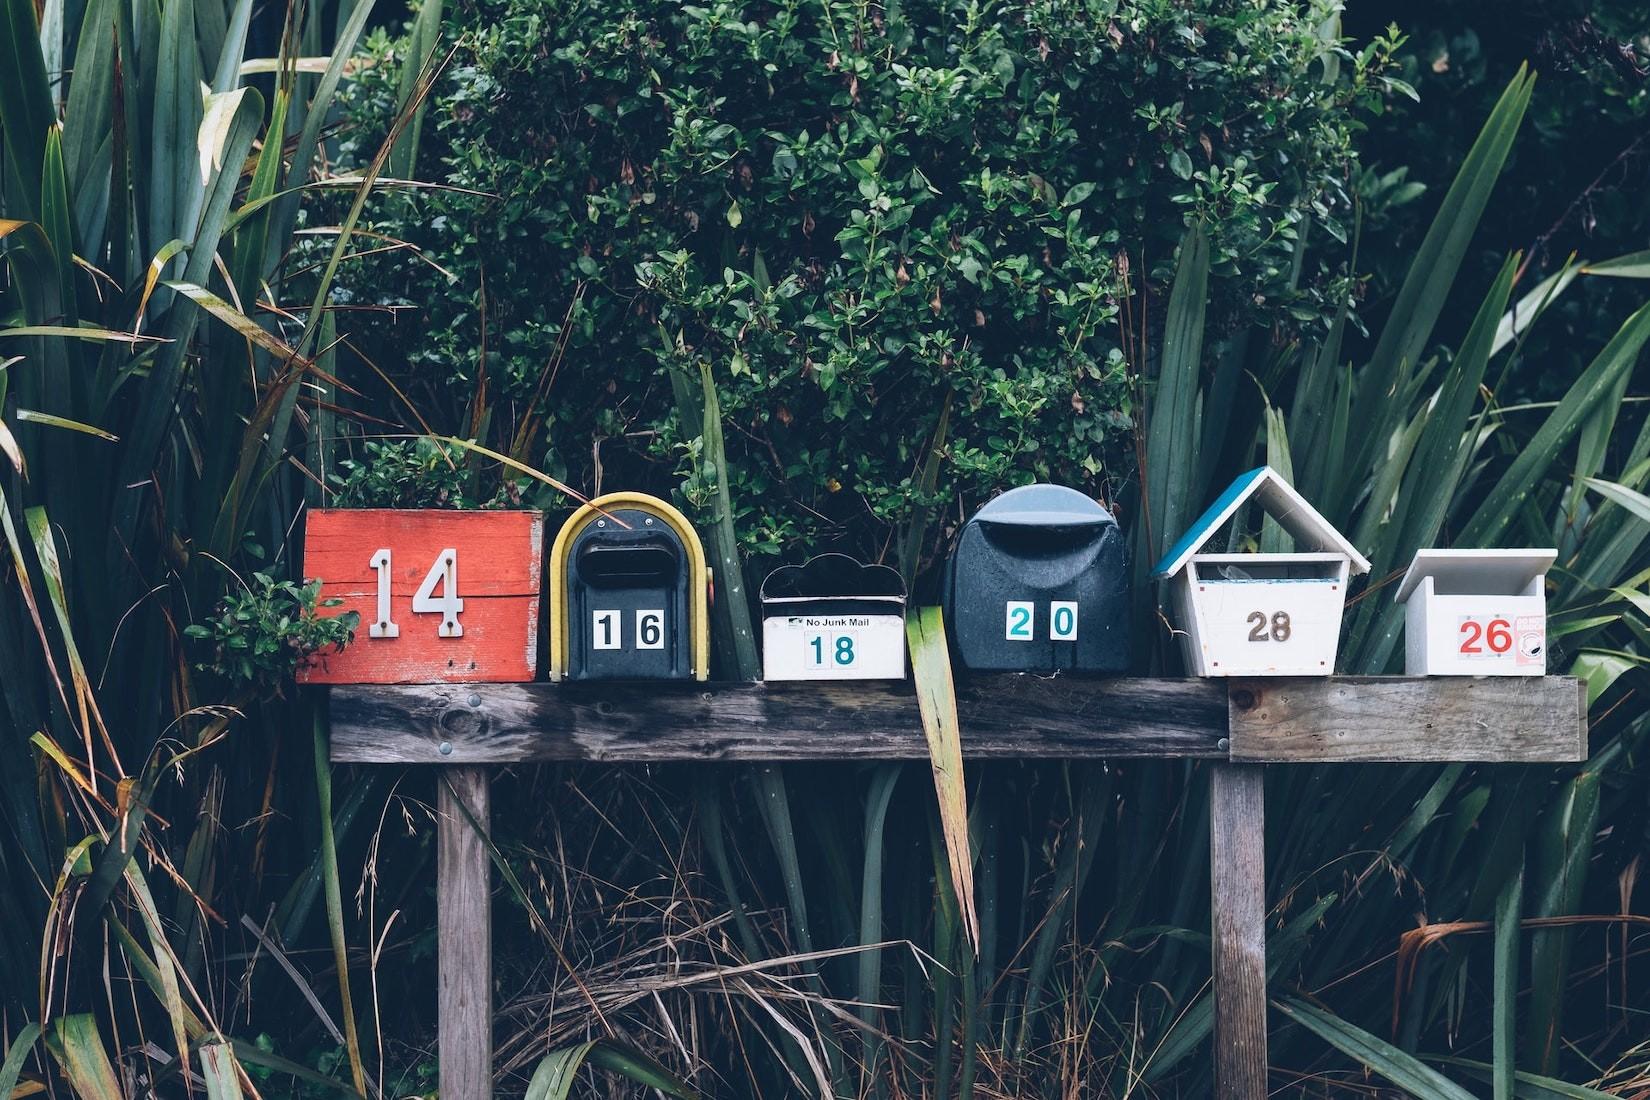 Hoffnung auf Verjährung des Bußgeldbescheides: Einfach wegziehen und mit der Ummeldung warten